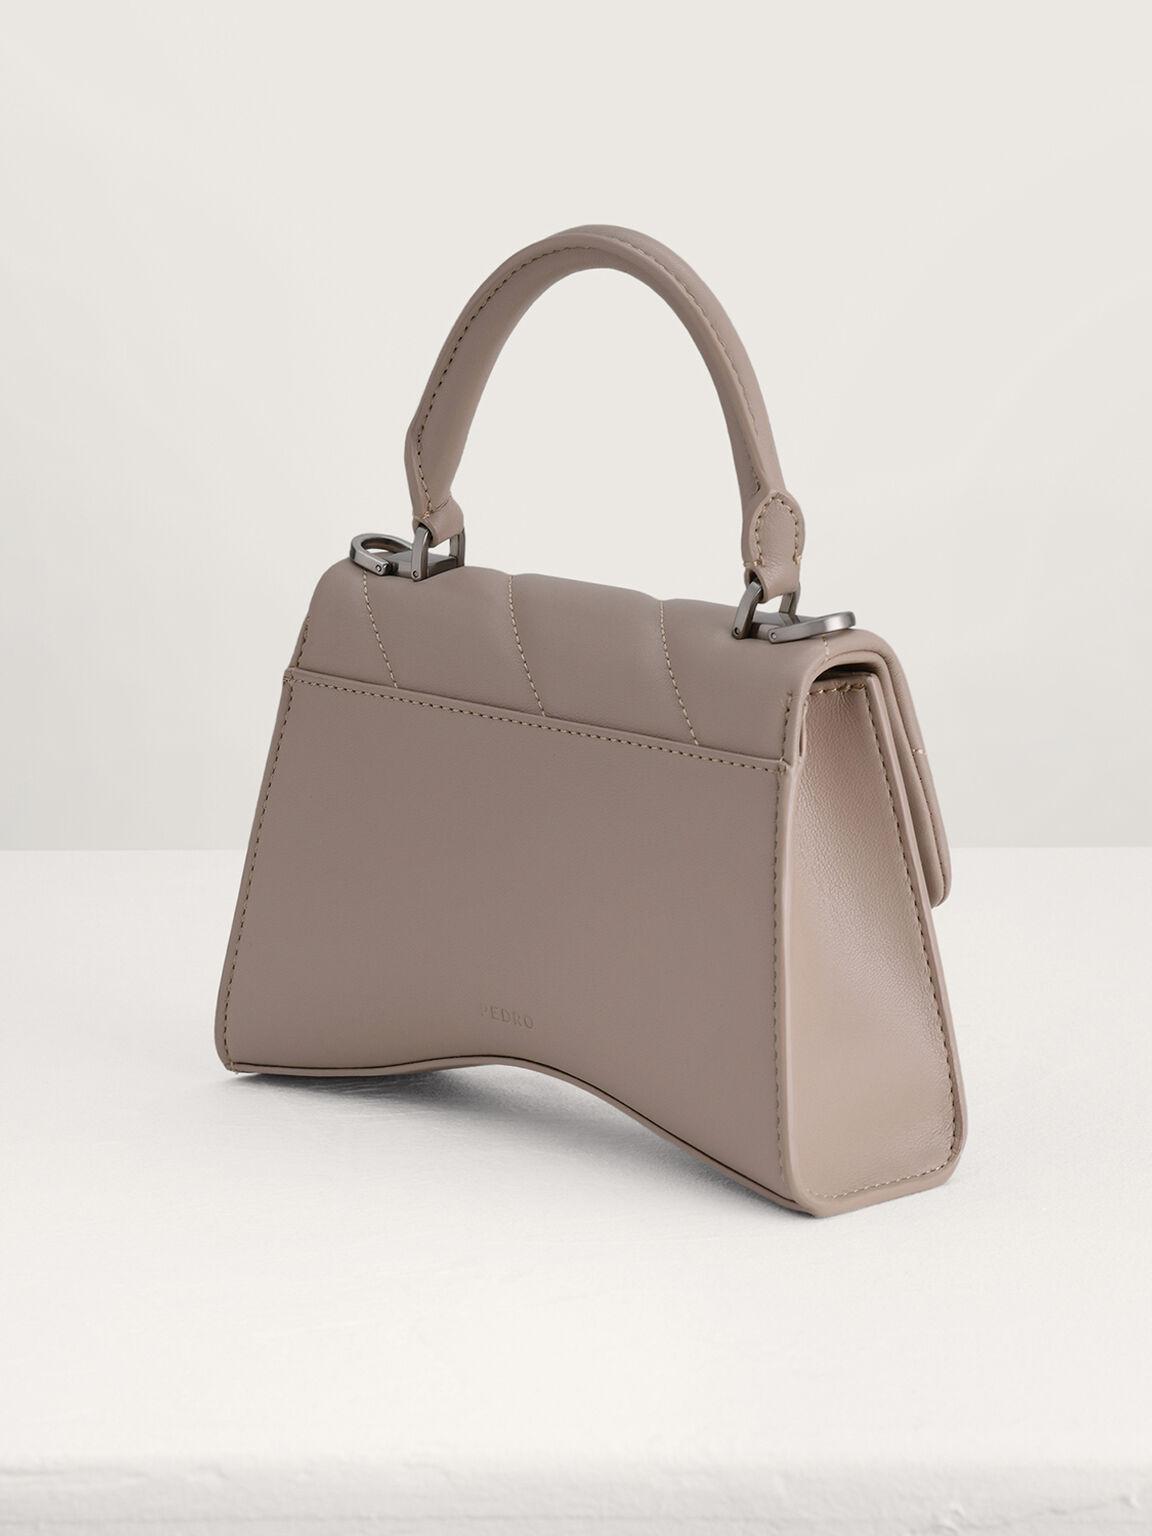 Qulited Top Handle Bag, Taupe, hi-res